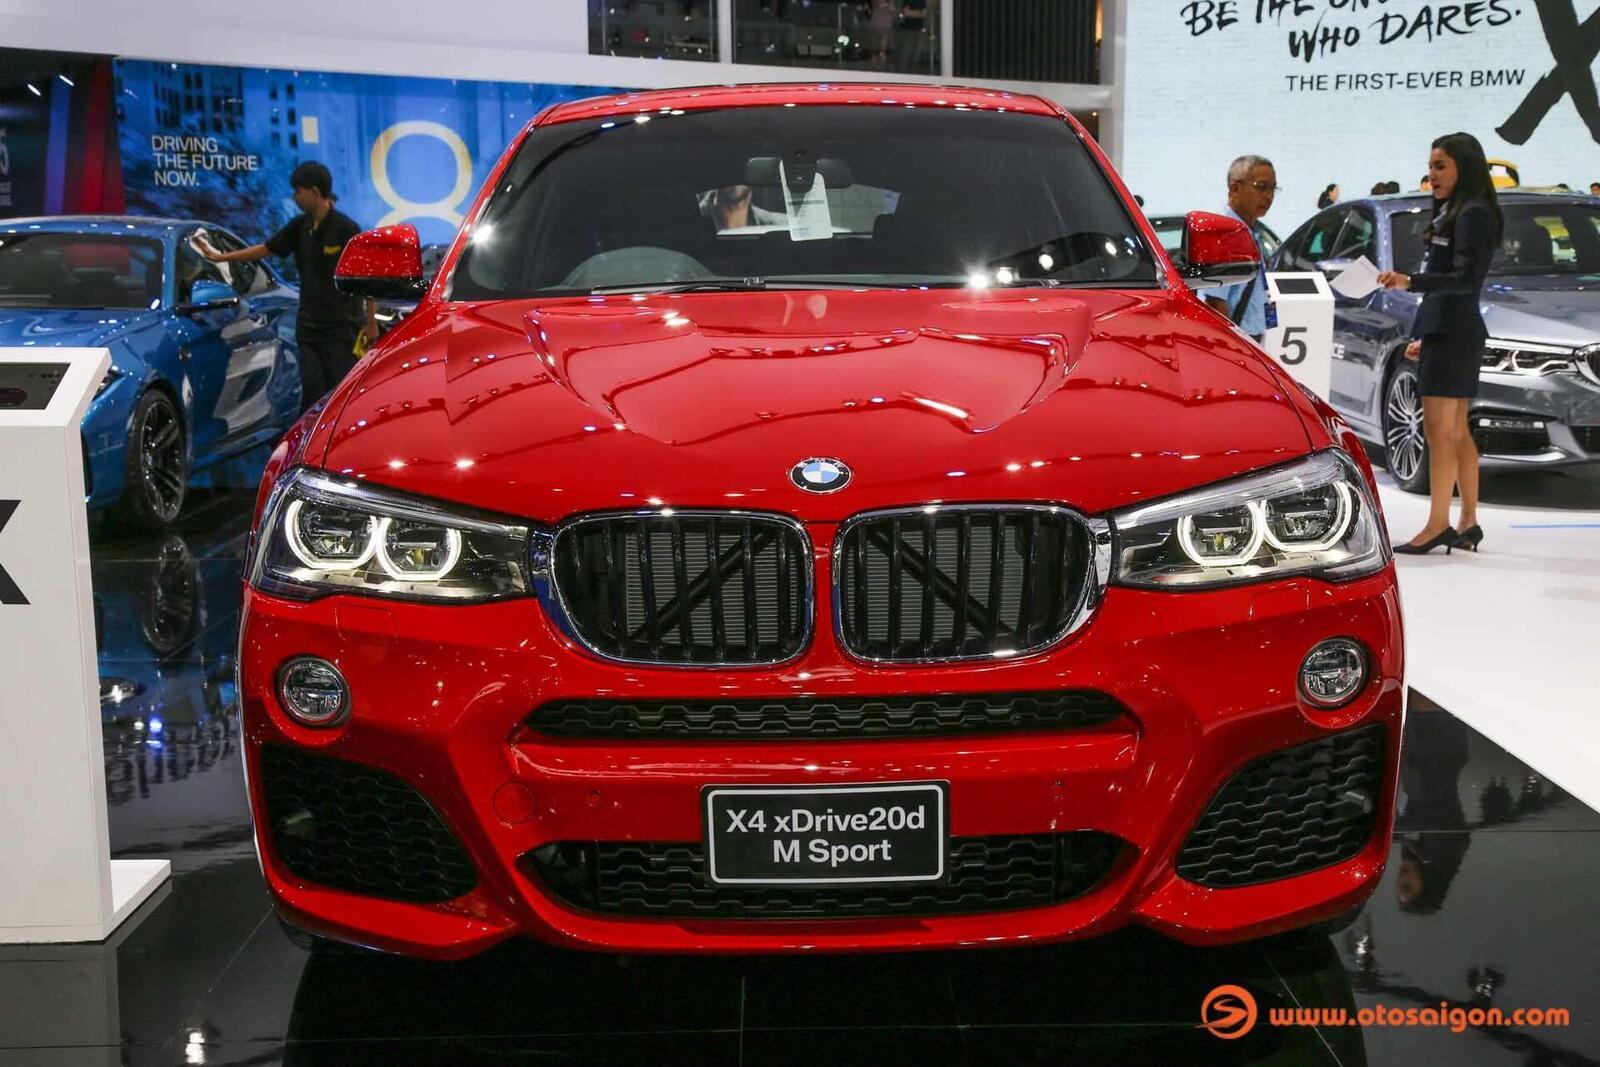 Cận cảnh BMW X4 M-Sport máy dầu 2.0L tại Bangkok - Hình 2